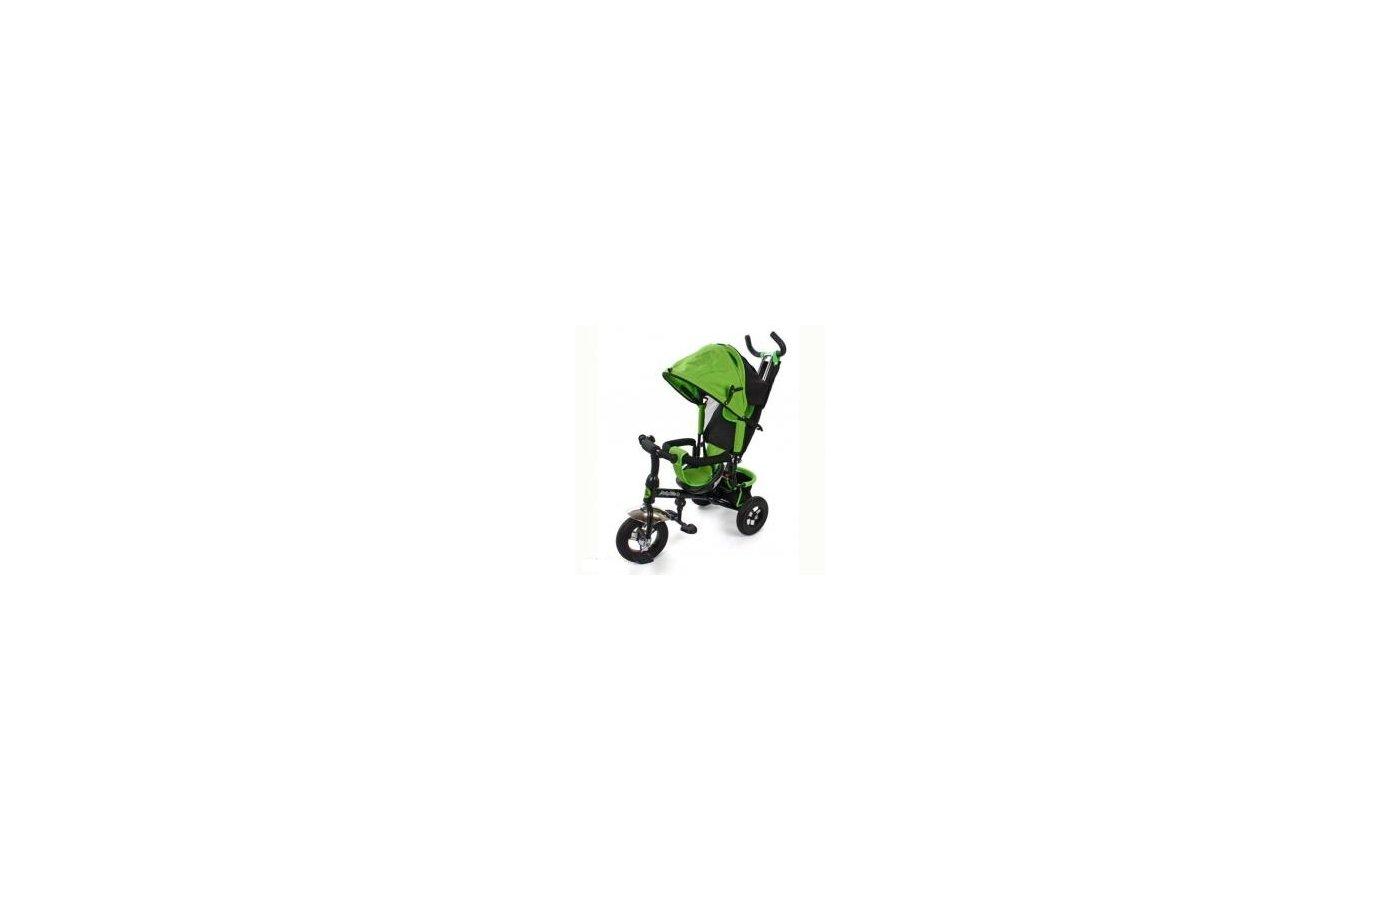 Велосипед Moby Kids 64527 Трайк Комфорт-2 952SL-2Green